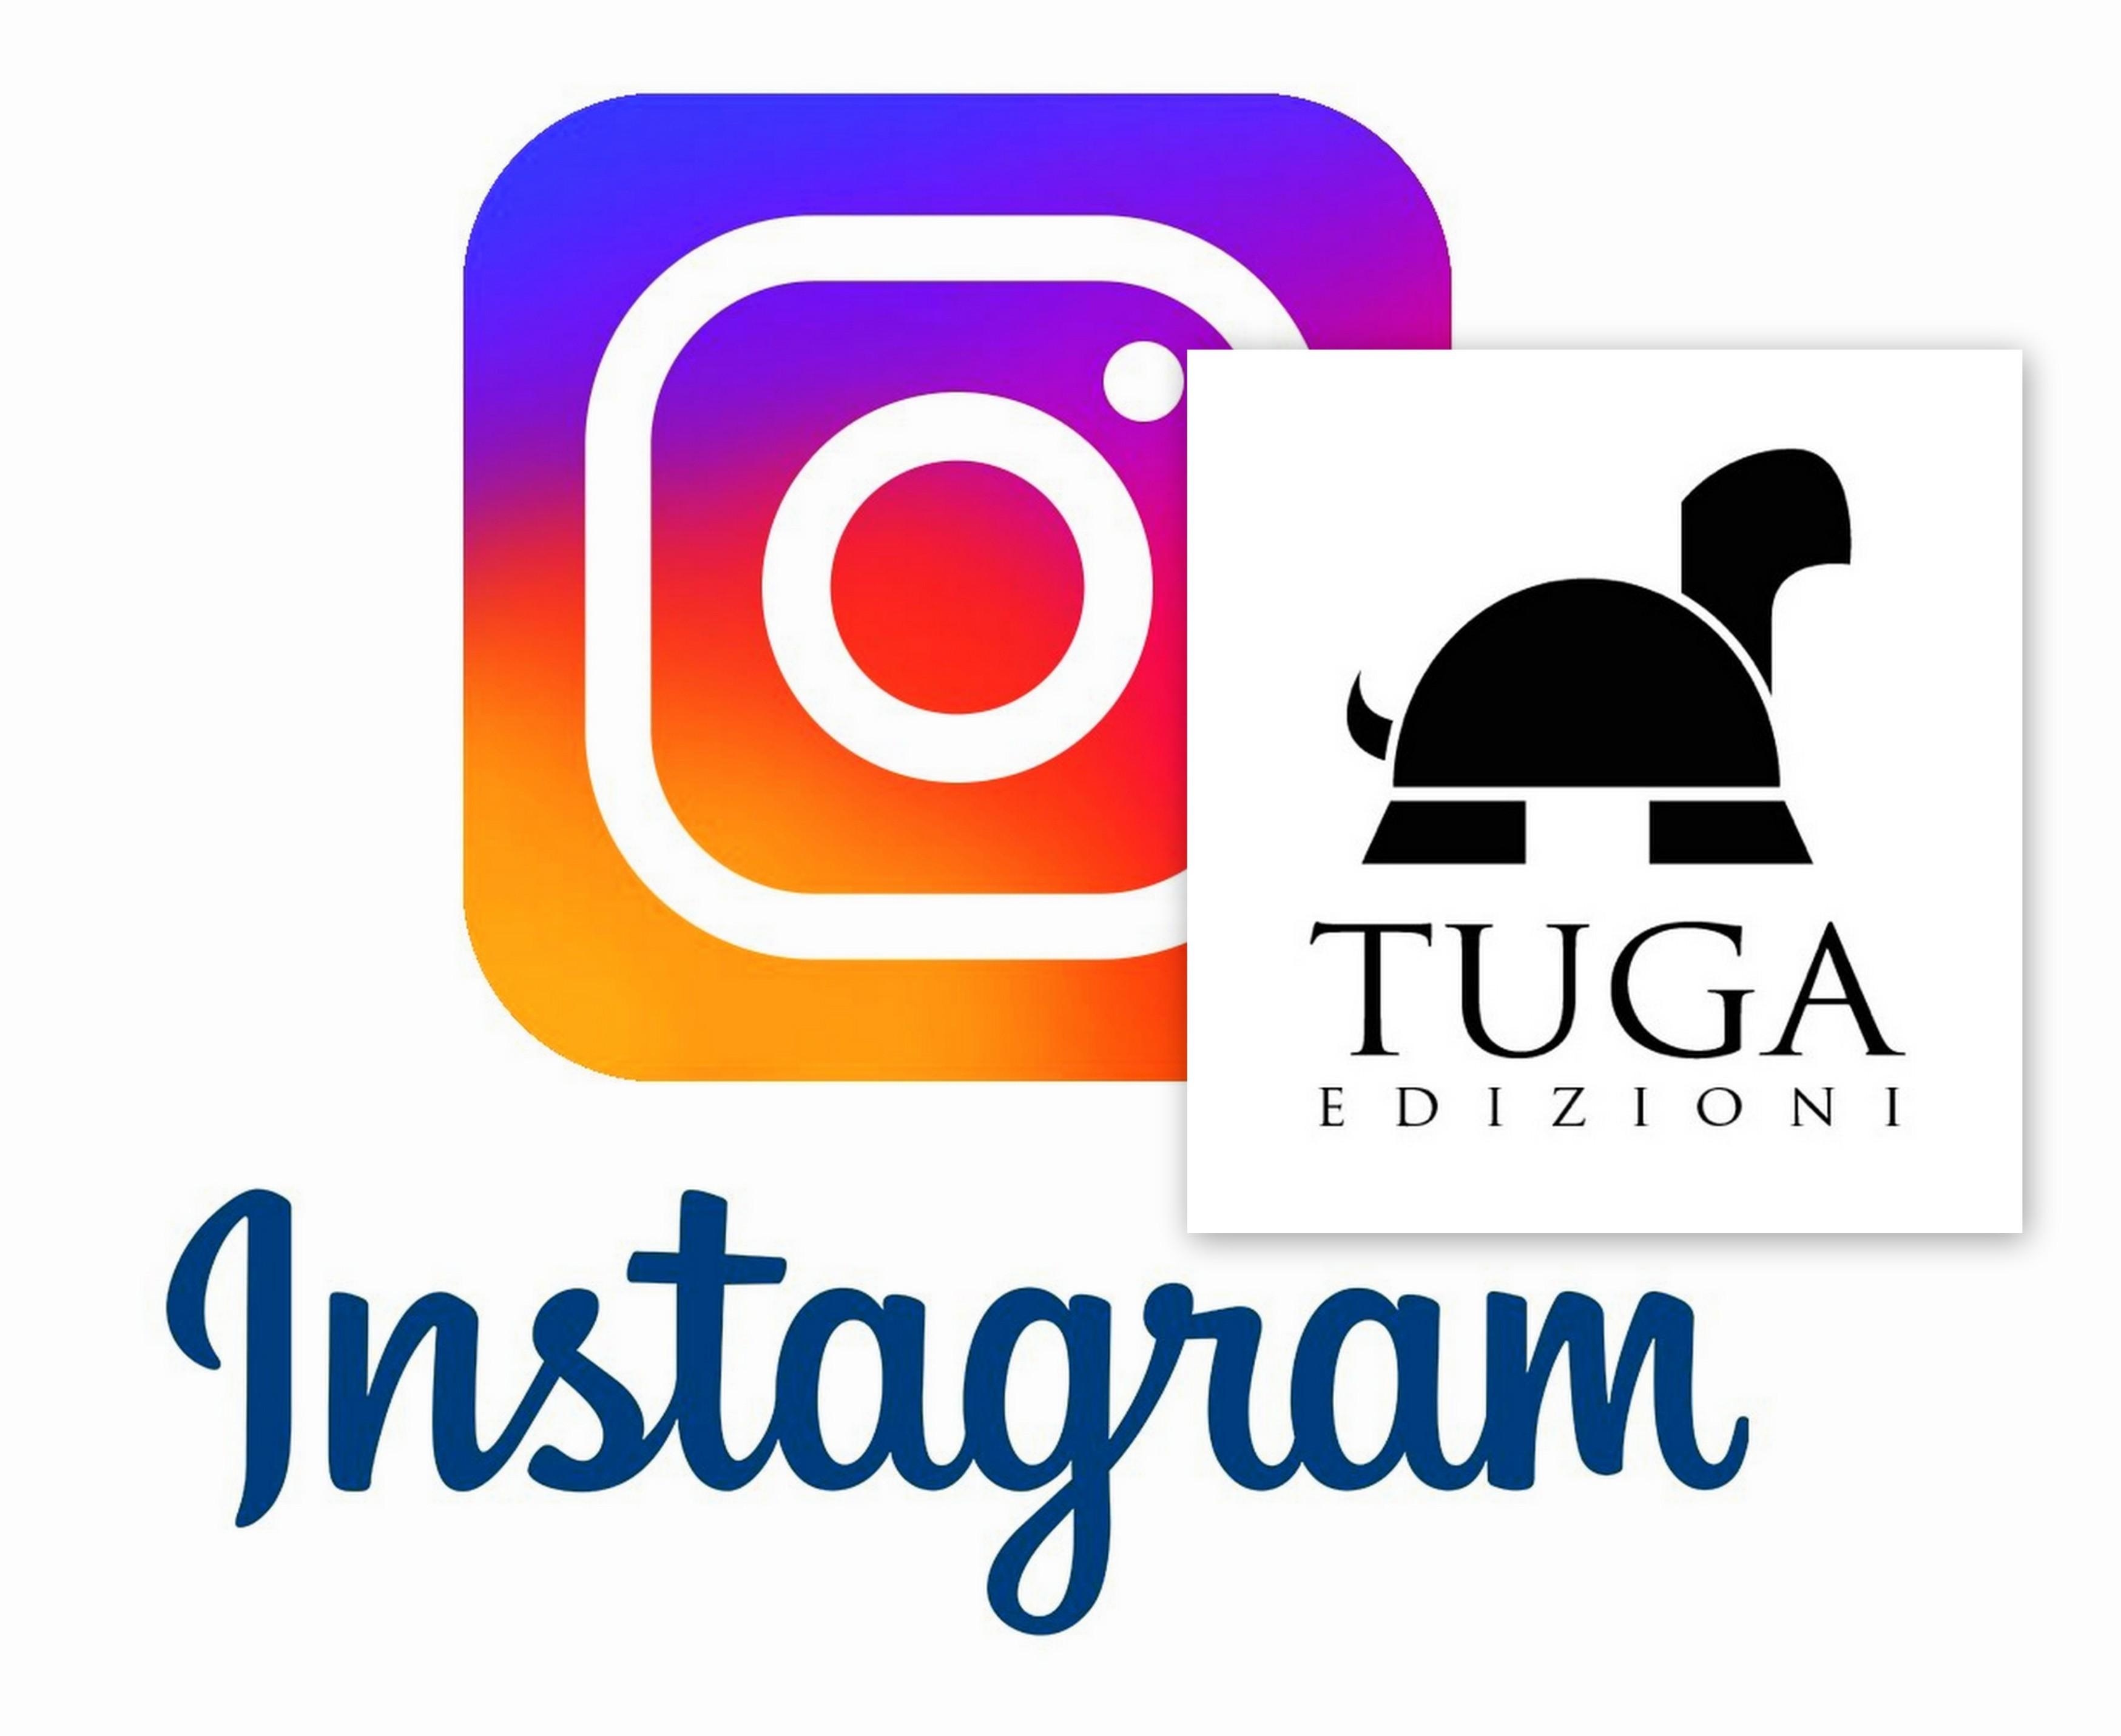 InstaTUGA - Tuga Edizioni in immagini